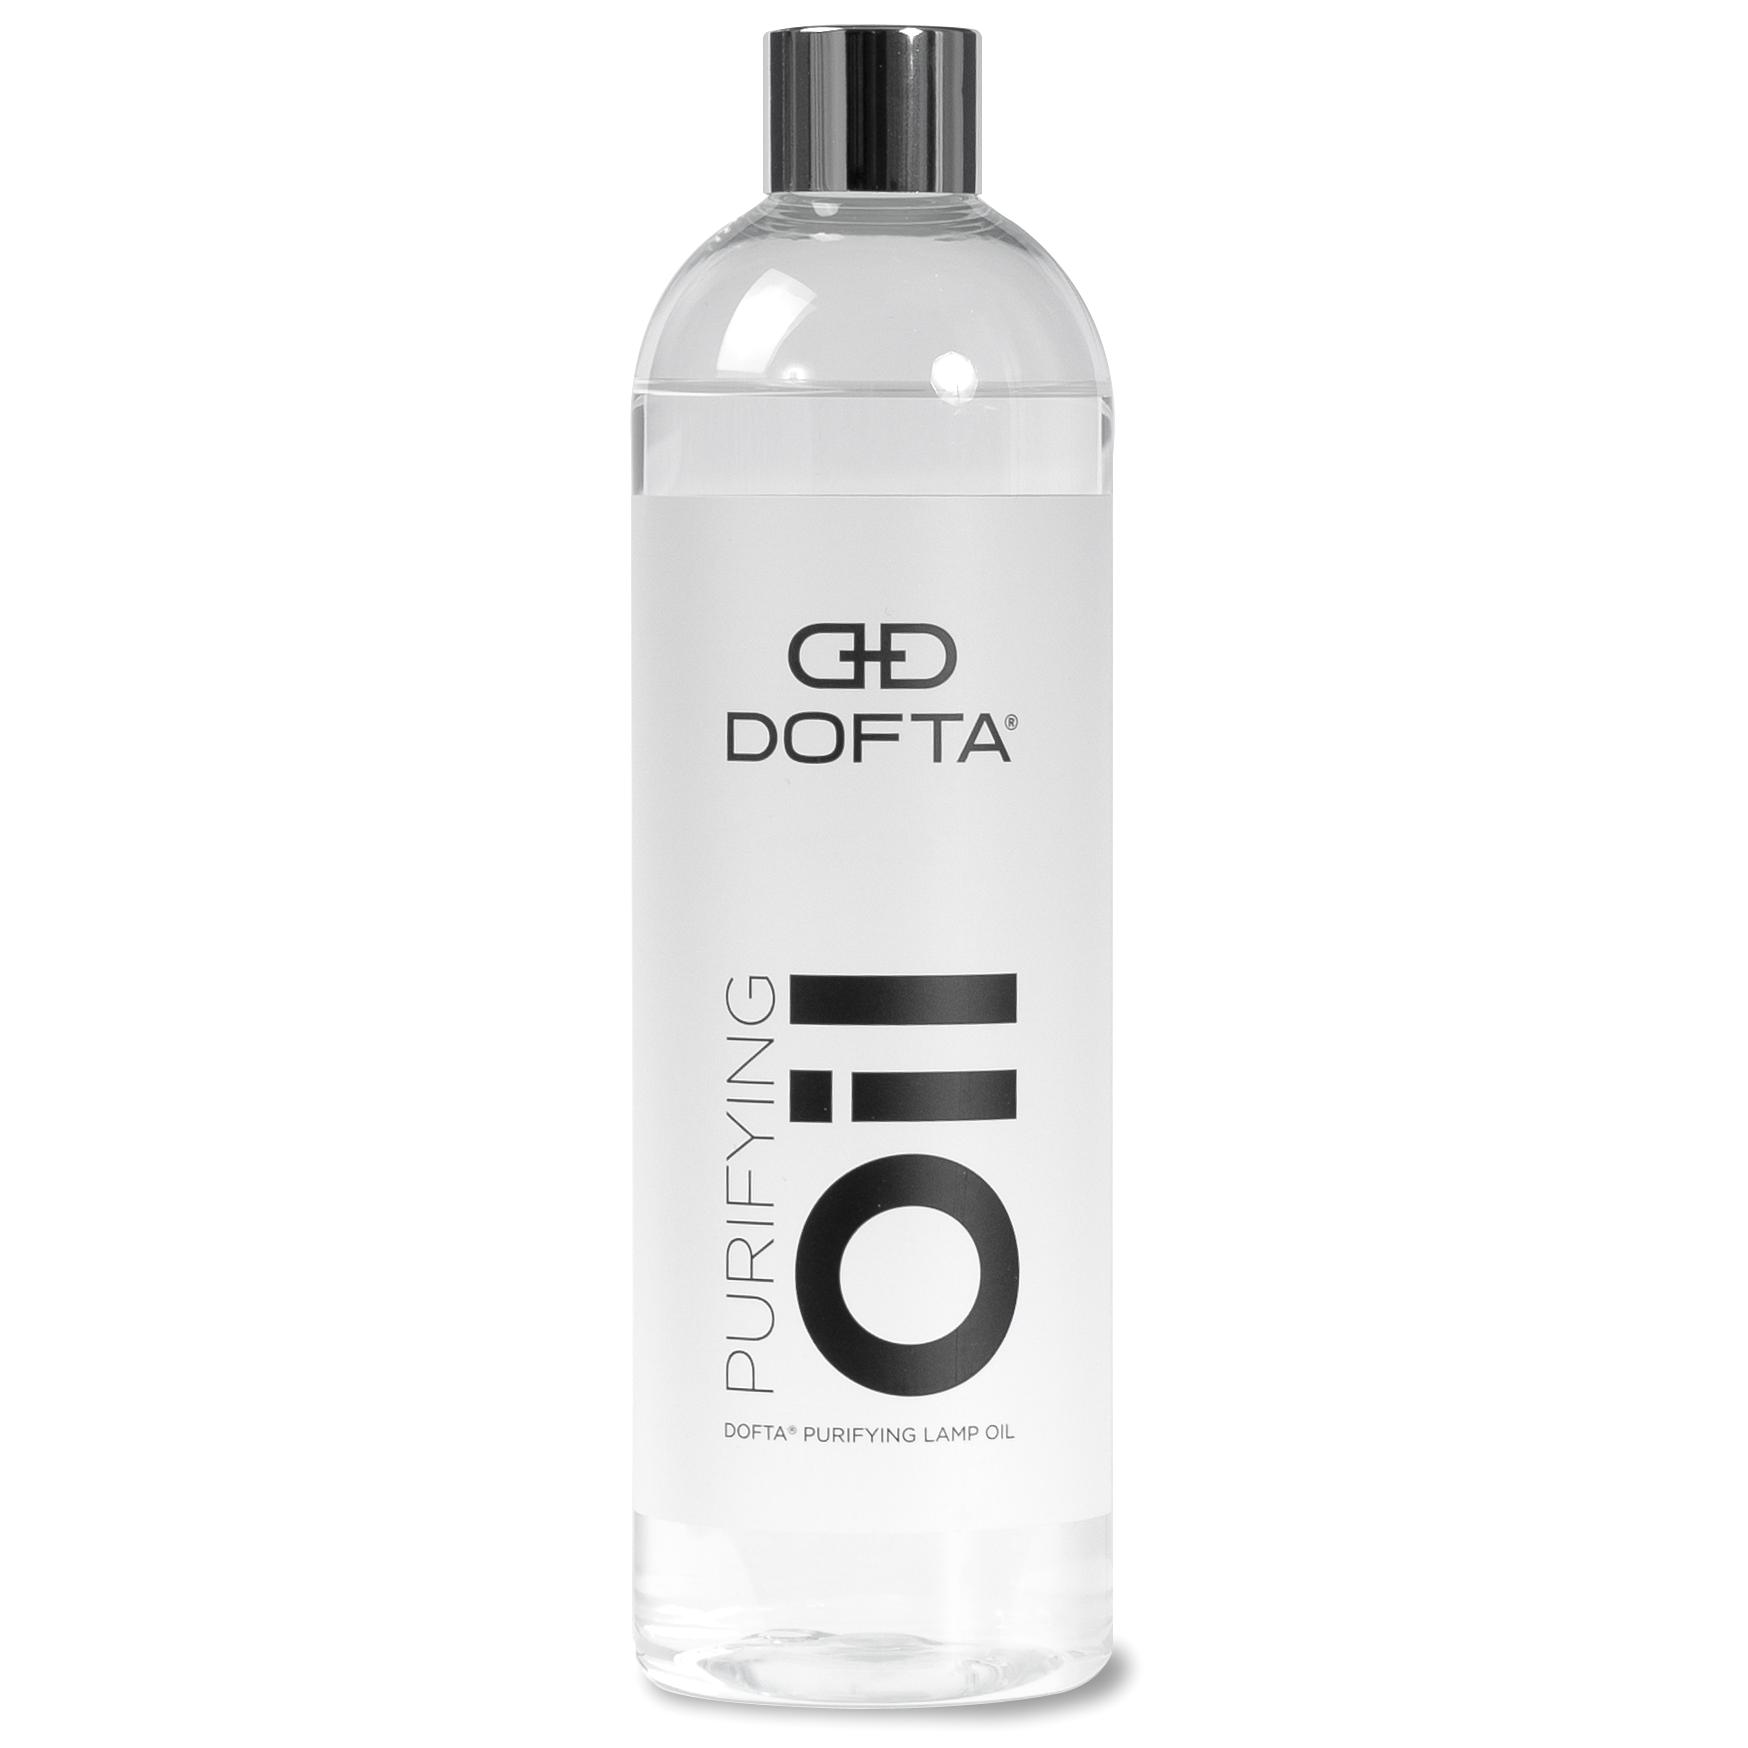 Katalytisk duftlampe-olie til Dofta lamper - Vælg duft